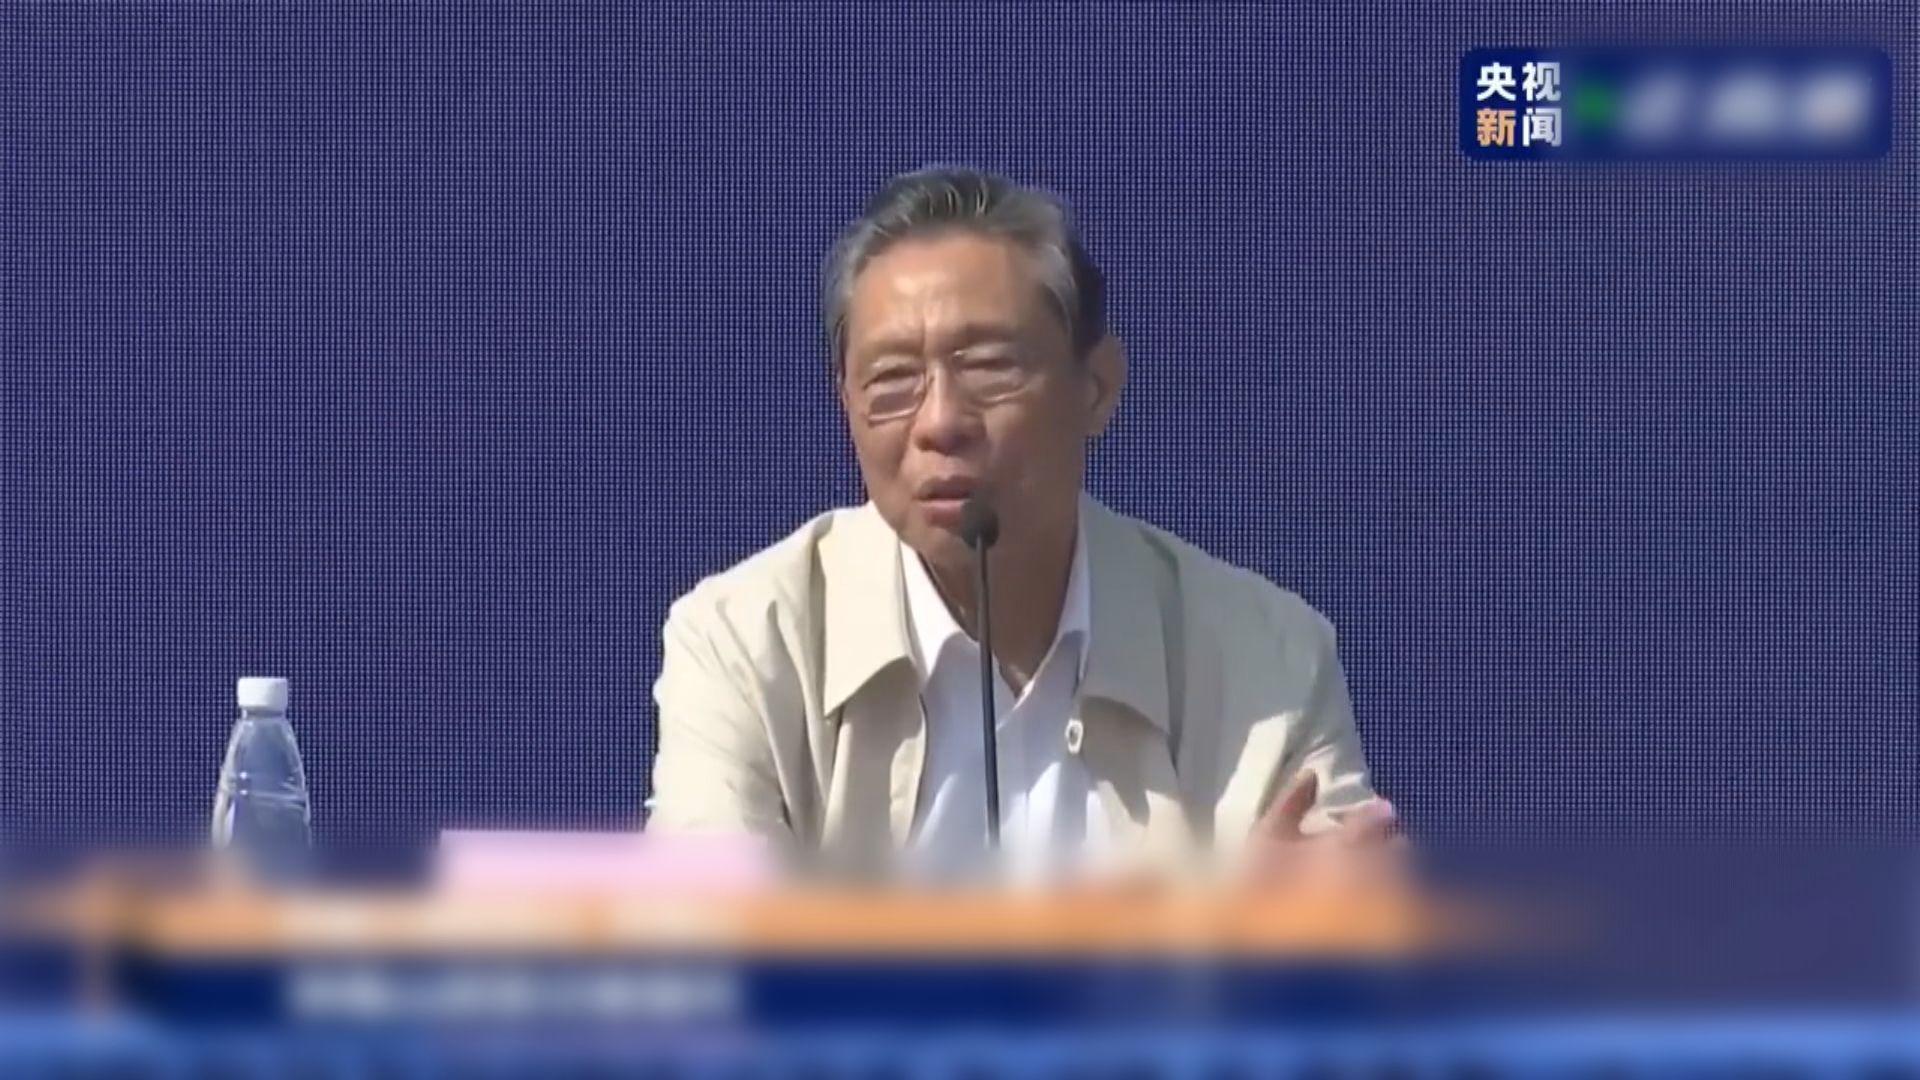 鍾南山 : 香港疫情仍未能解決本地個案問題